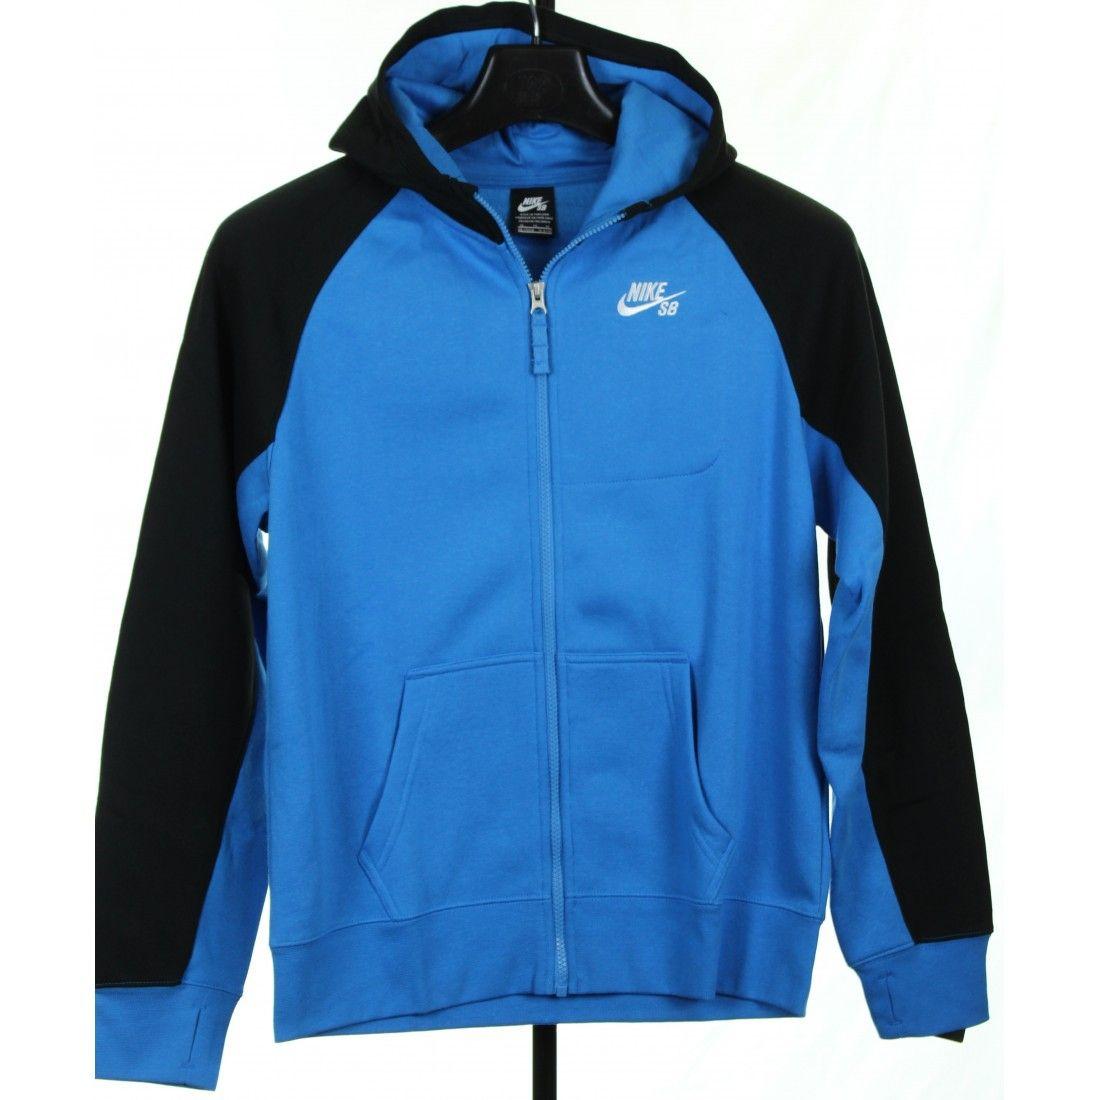 Nike bluza Młodzieżowa SB